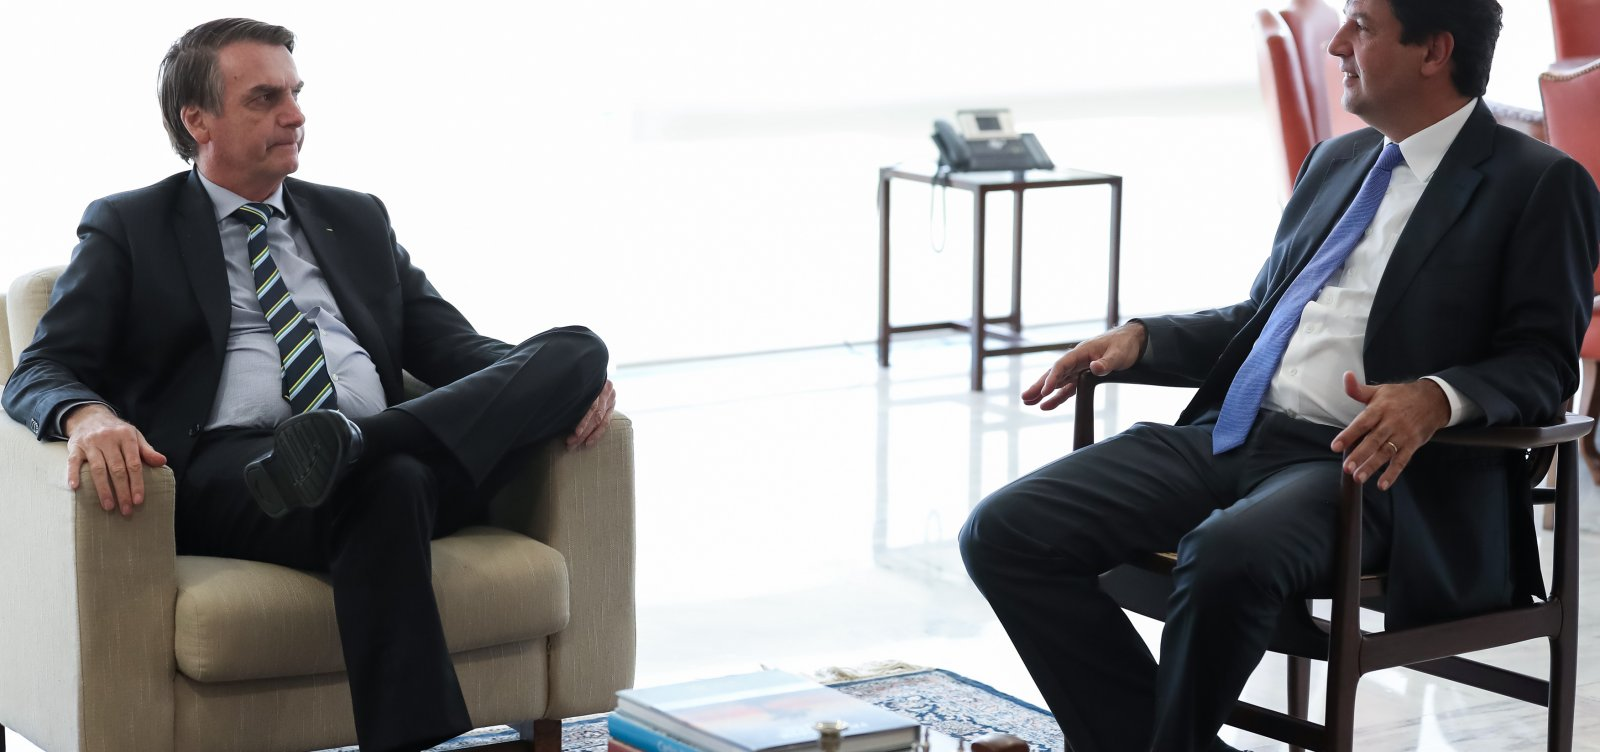 ['O senhor que me demita', diz Mandetta em briga com Bolsonaro por telefone]